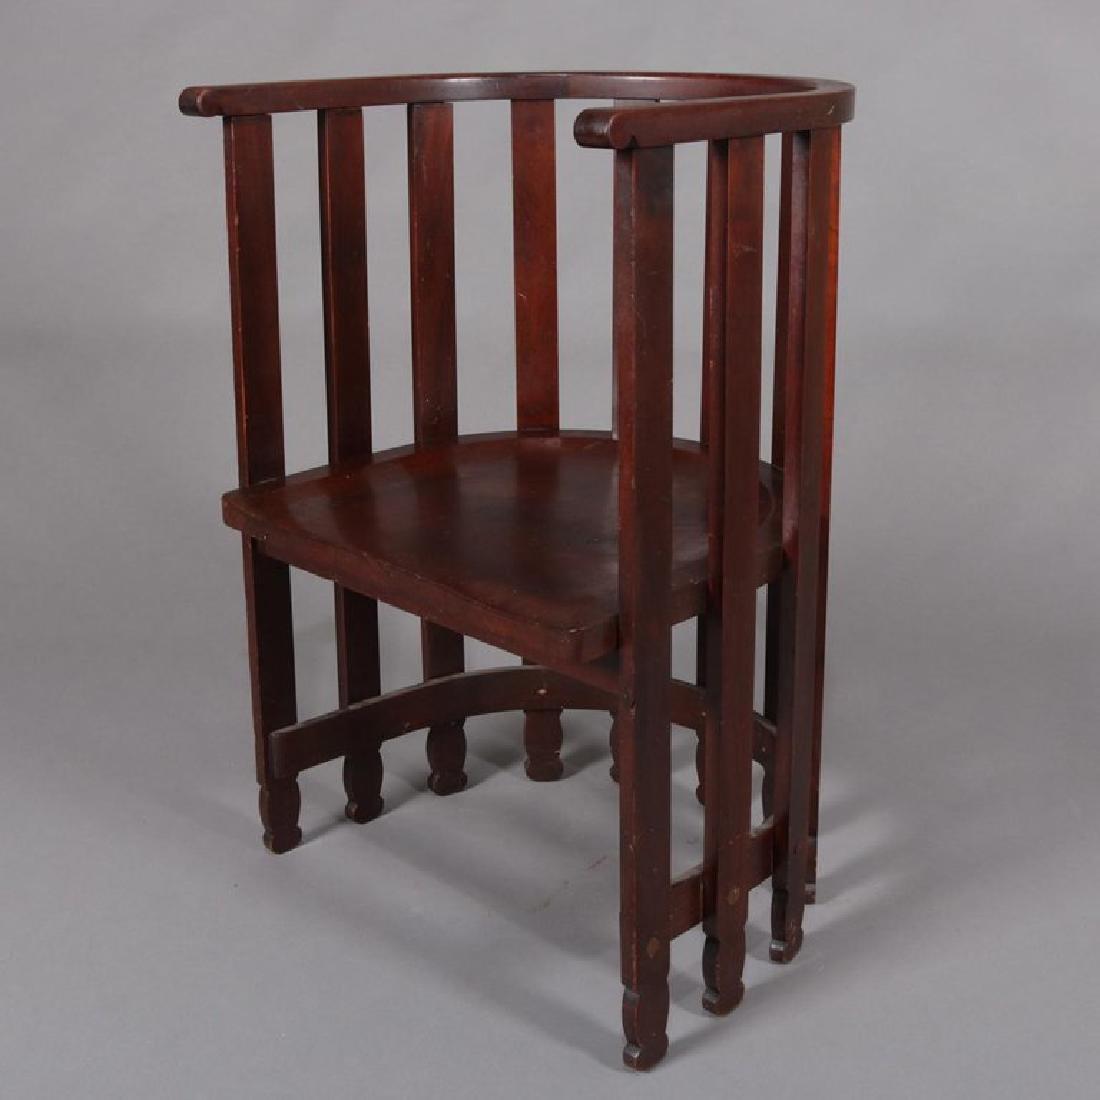 Arts & Crafts Prairie Frank Lloyd Wright School Chair - 5